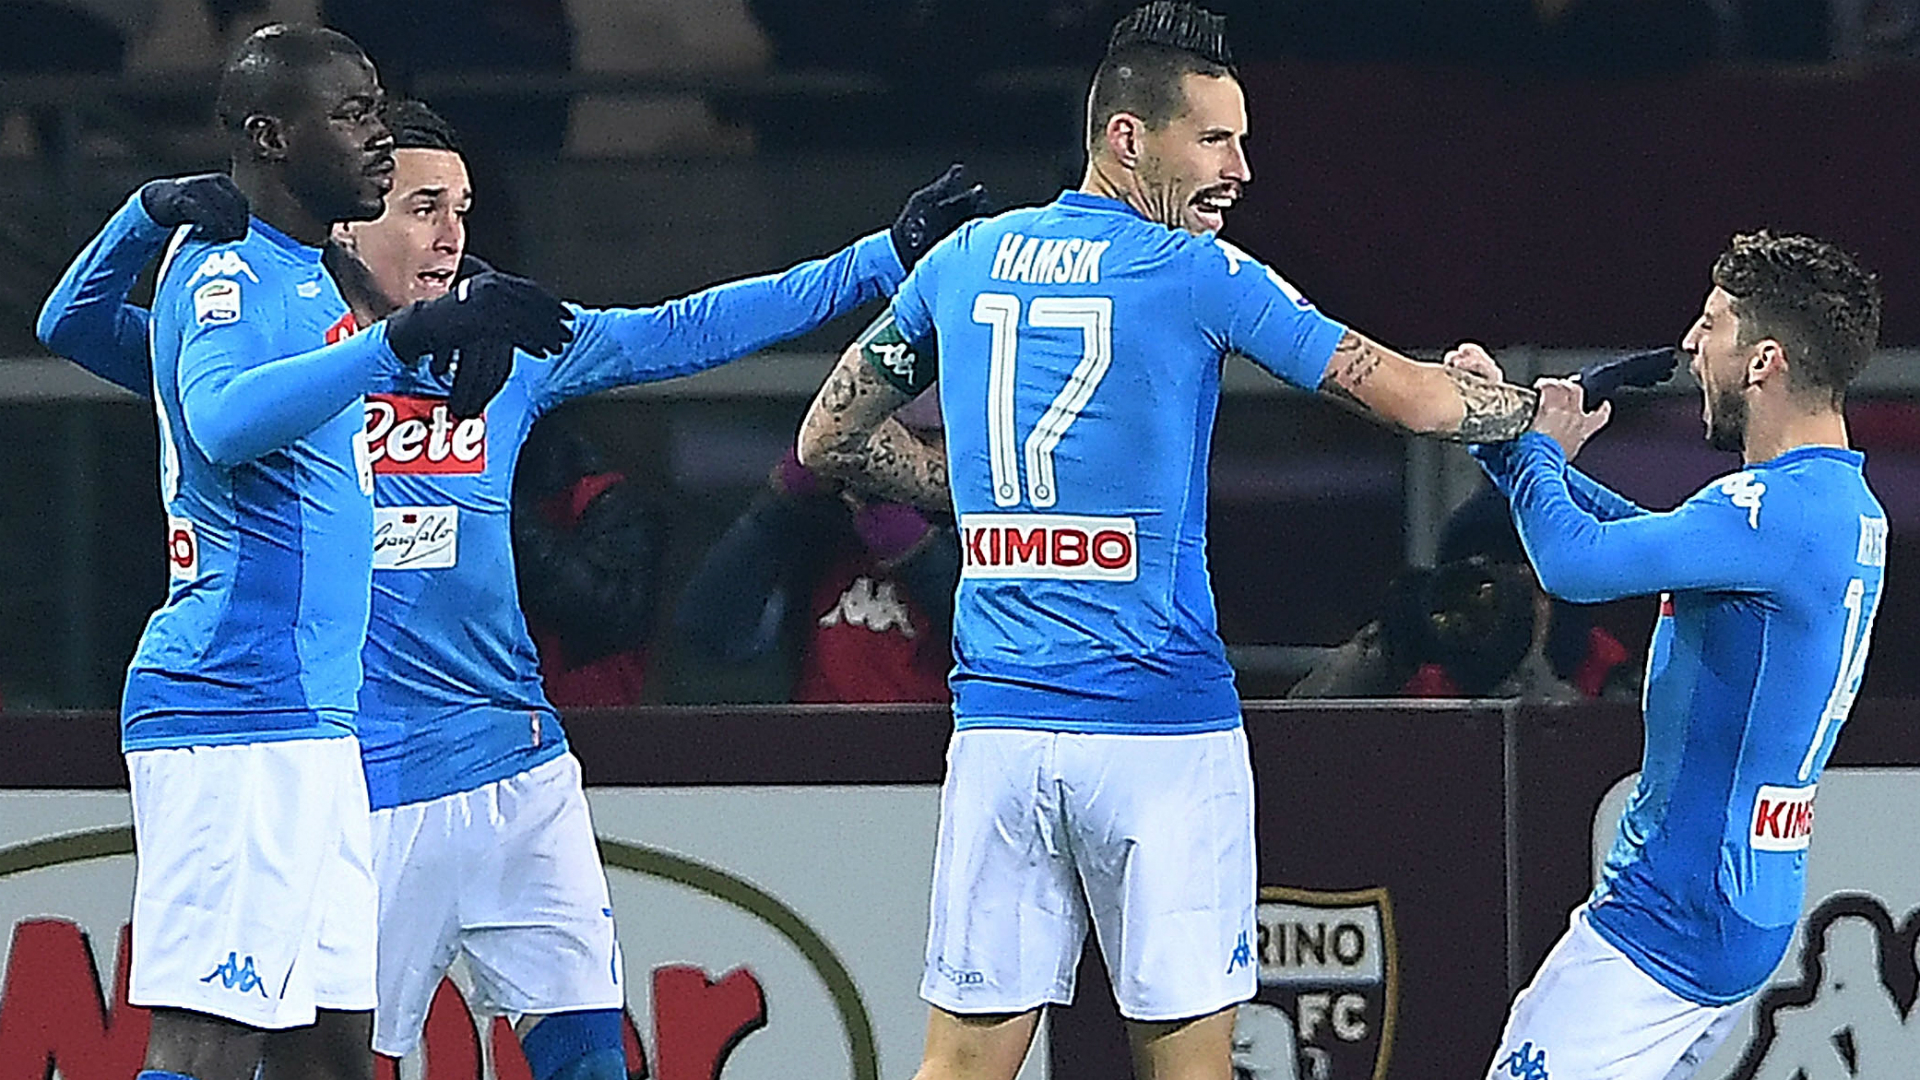 Hamsik regala a Maradona la maglia del gol record